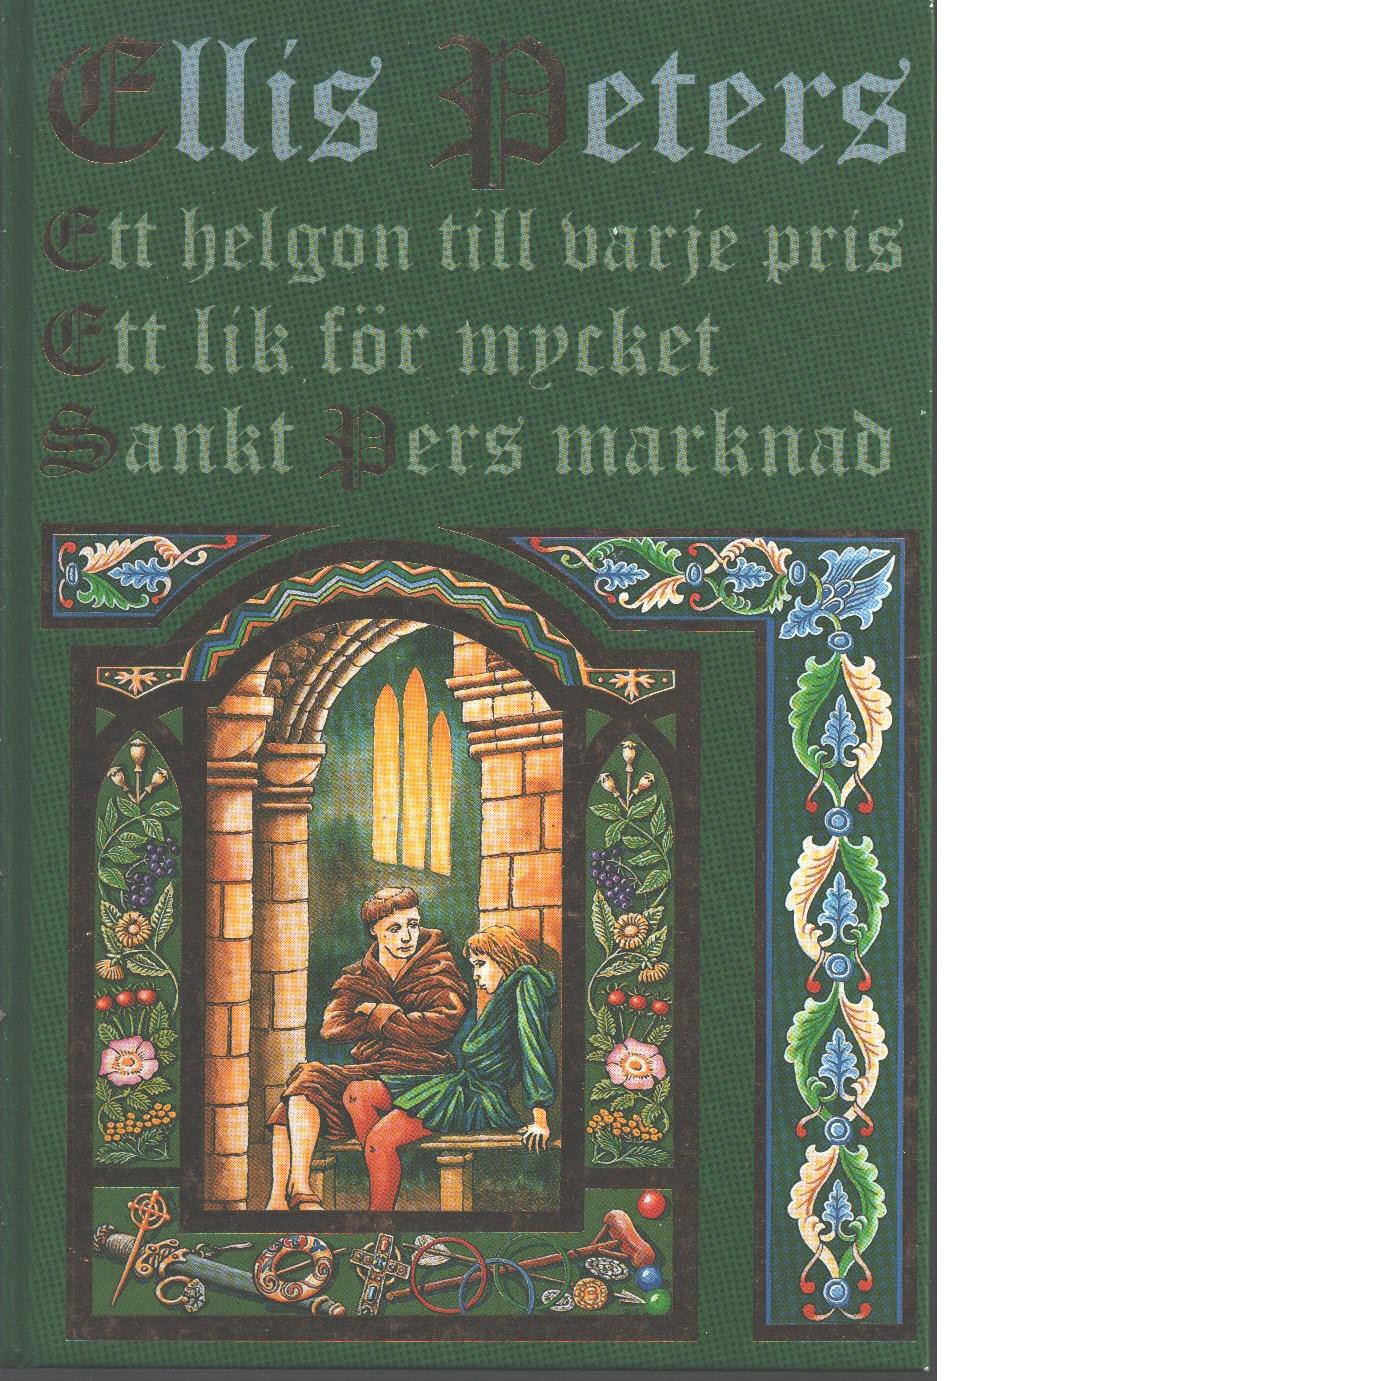 Ett helgon till varje pris : Ett lik för mycket ; Sankt Pers marknad  - Peters, Ellis